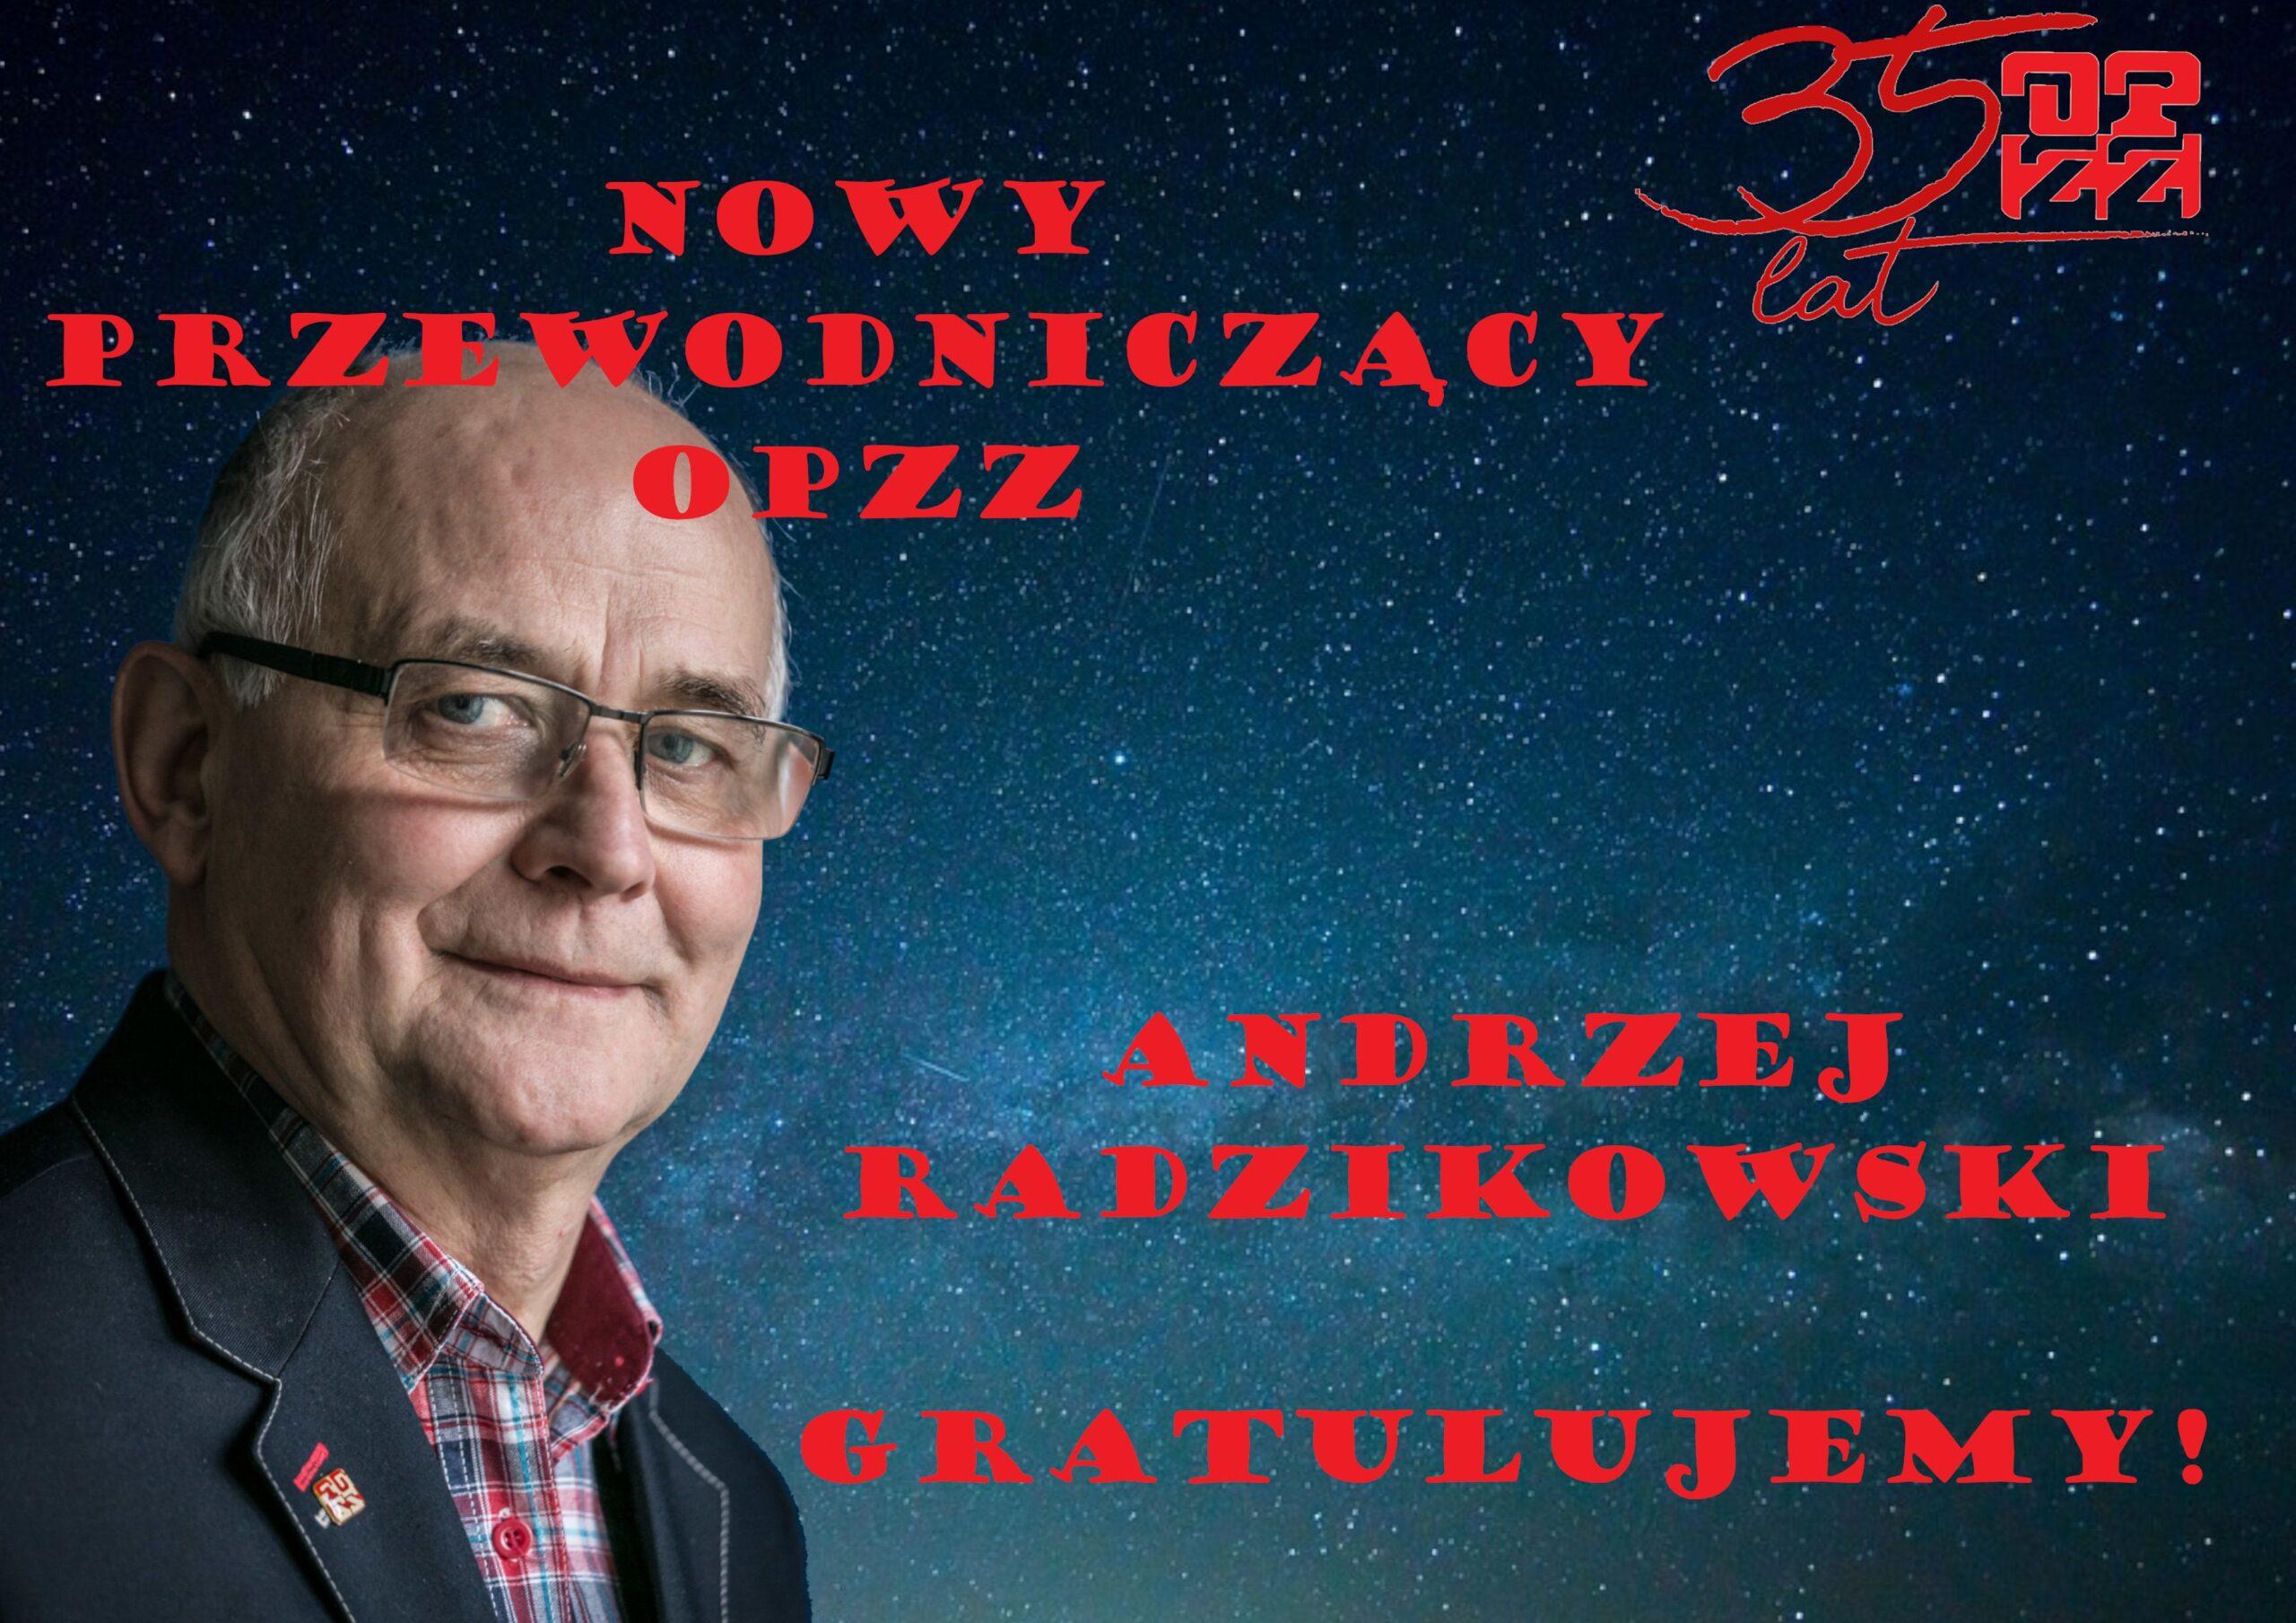 Andrzej Radzikowski – Przewodniczącym OPZZ